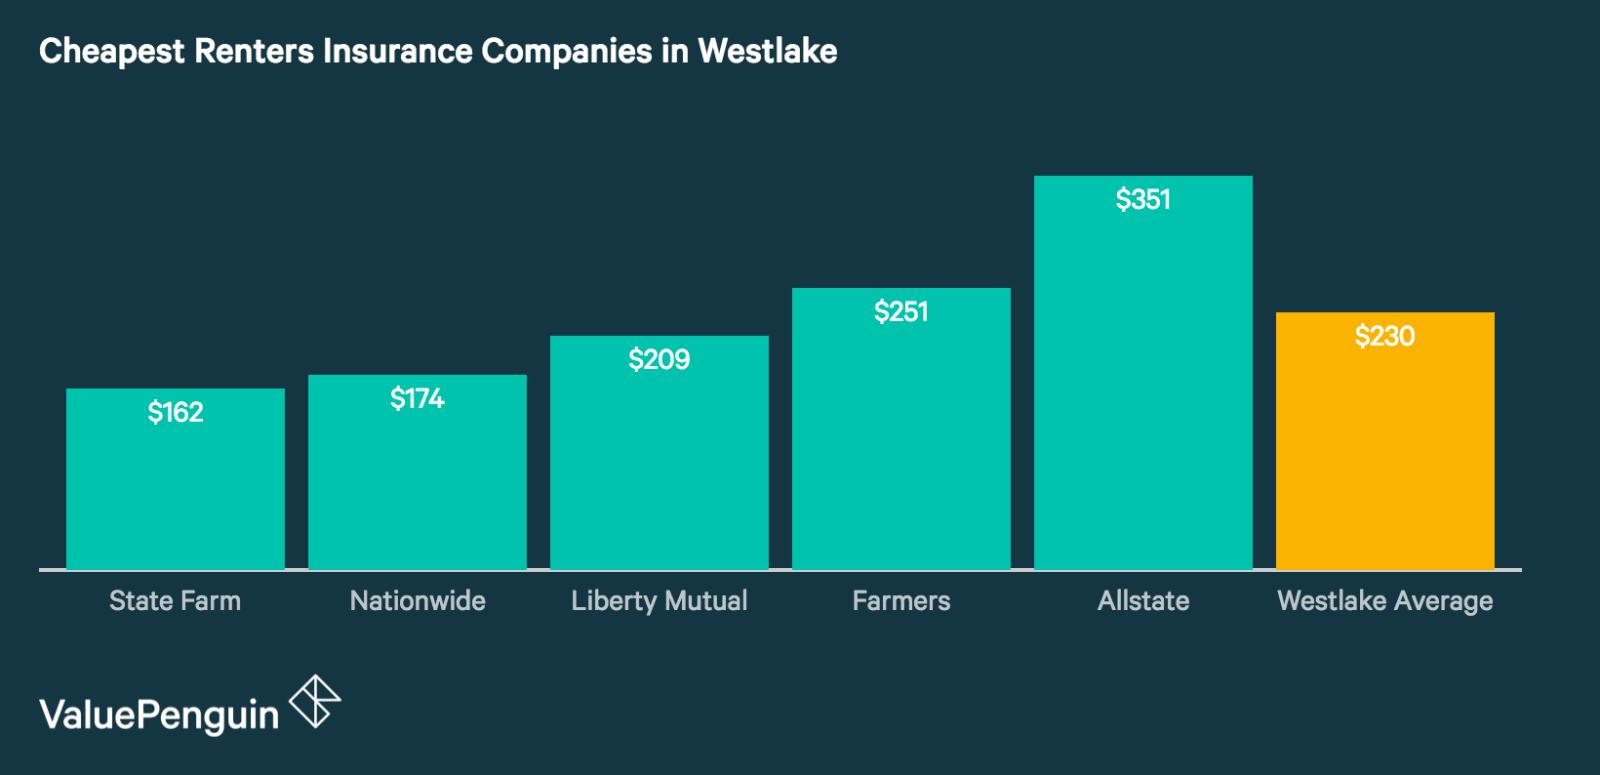 Best Renters Insurance Companies in Westlake